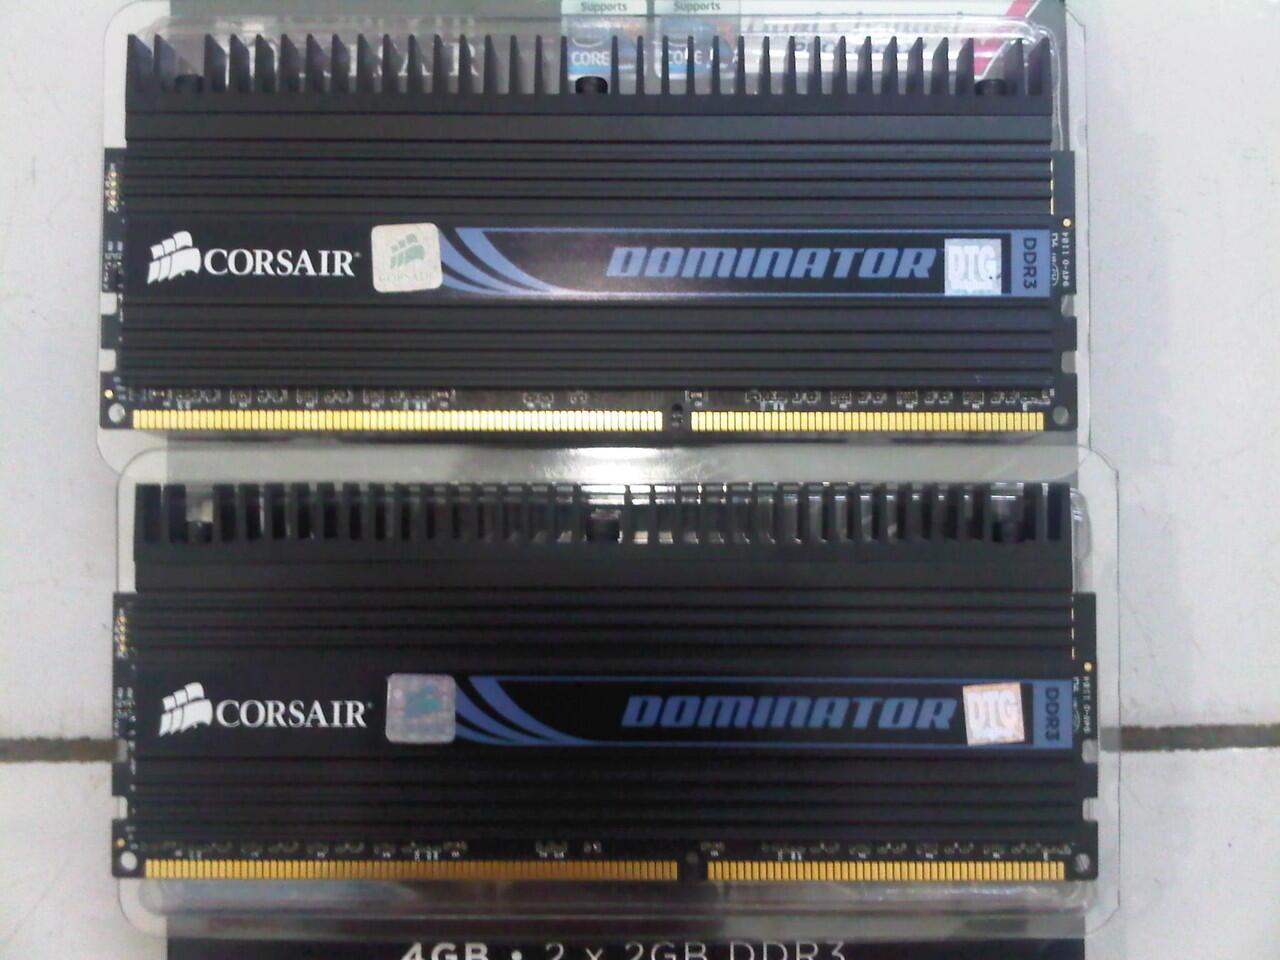 WTS Corsair DDR3 XMS3 Dominator PC12800 4GB (2X2GB)